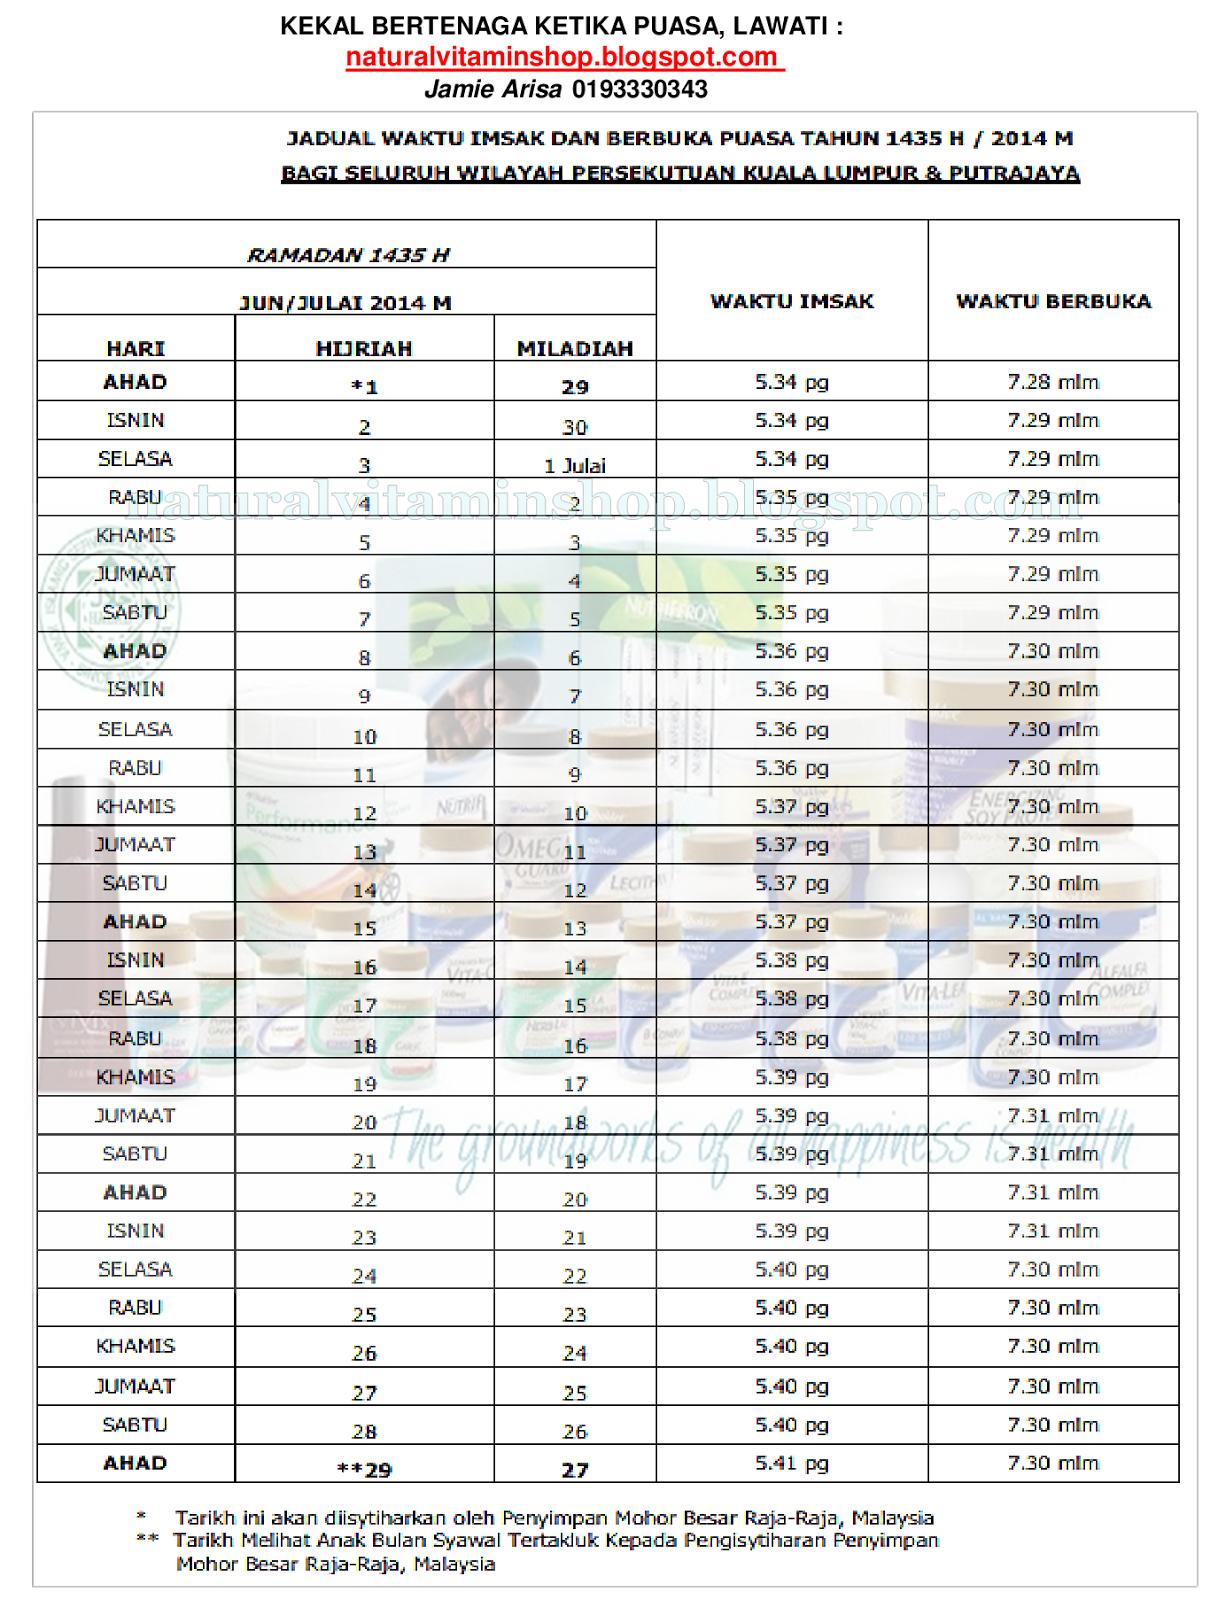 Download Jadual Berbuka Puasa 2014 Percuma disini